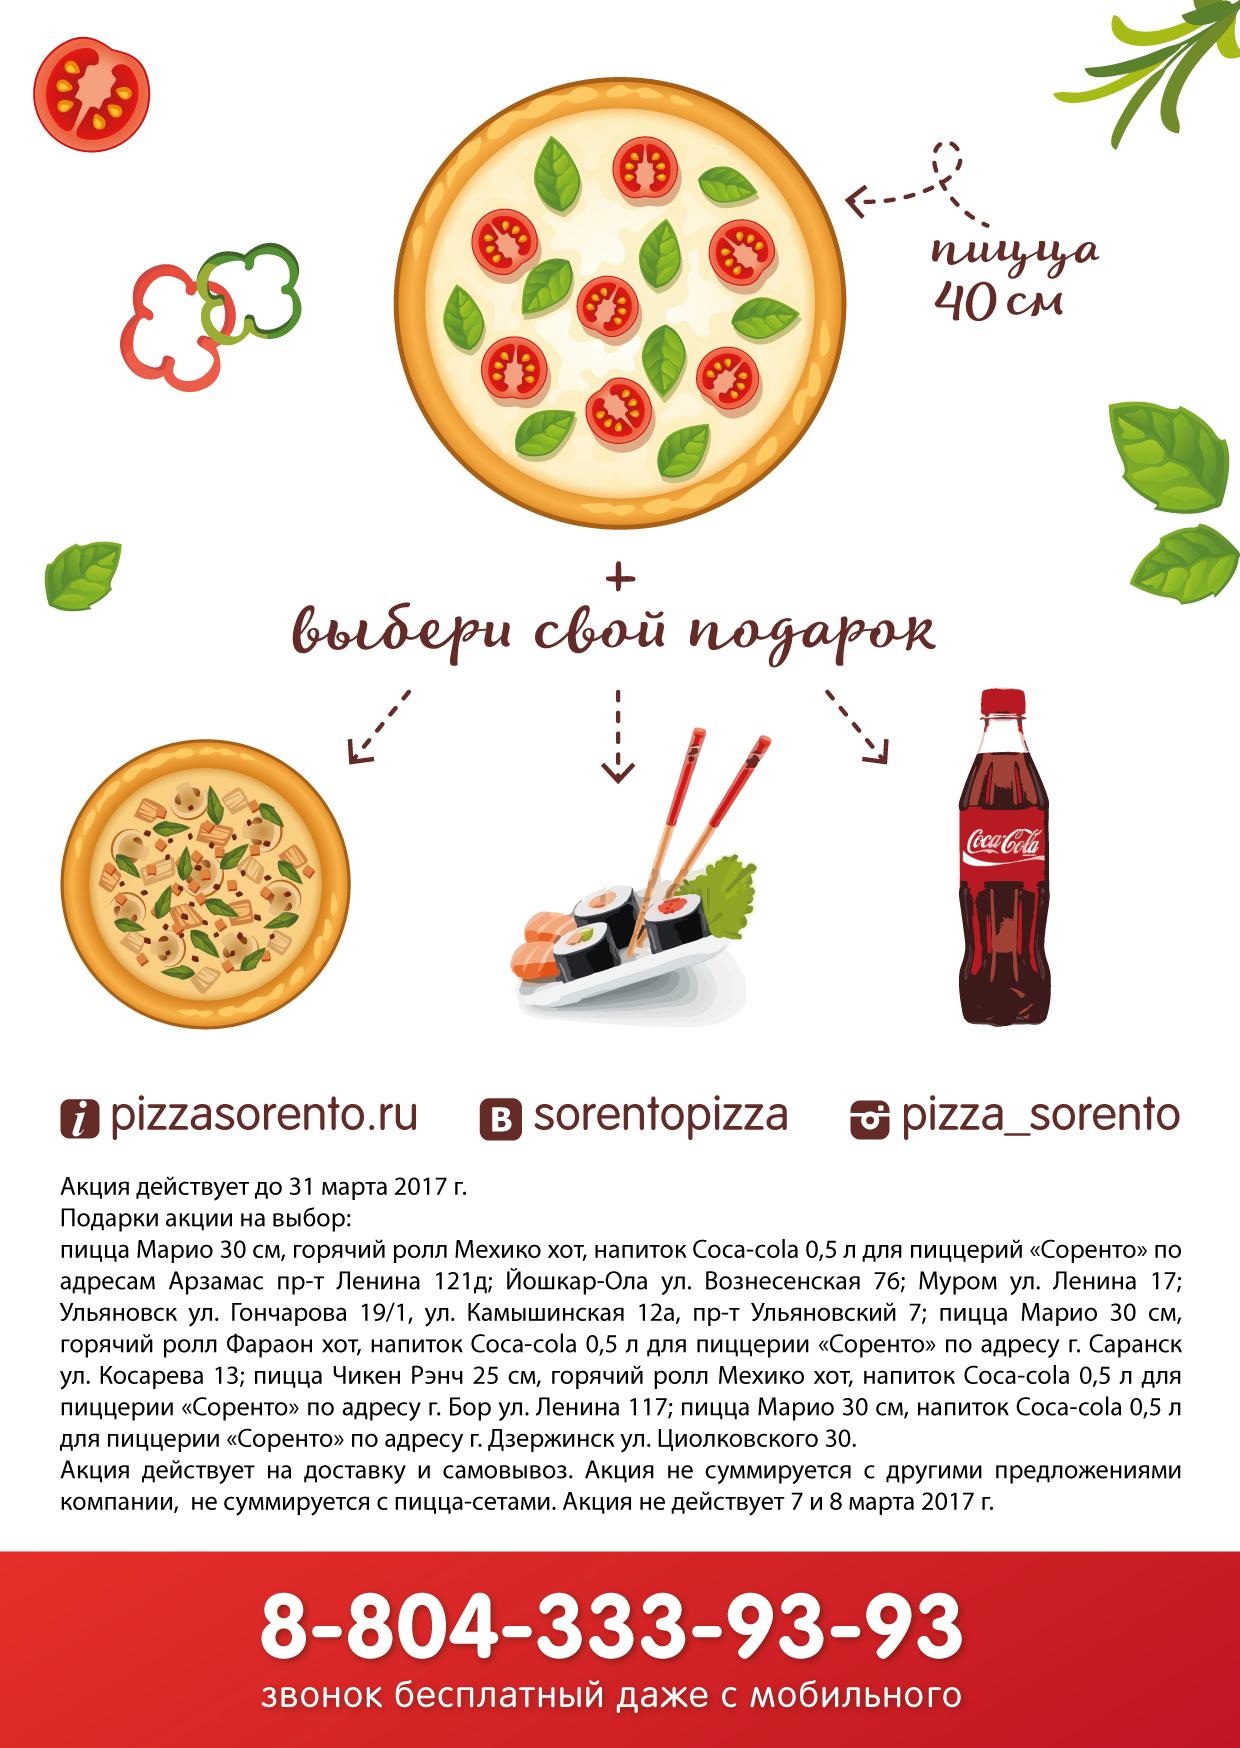 Круглосуточная доставка пиццы адлер